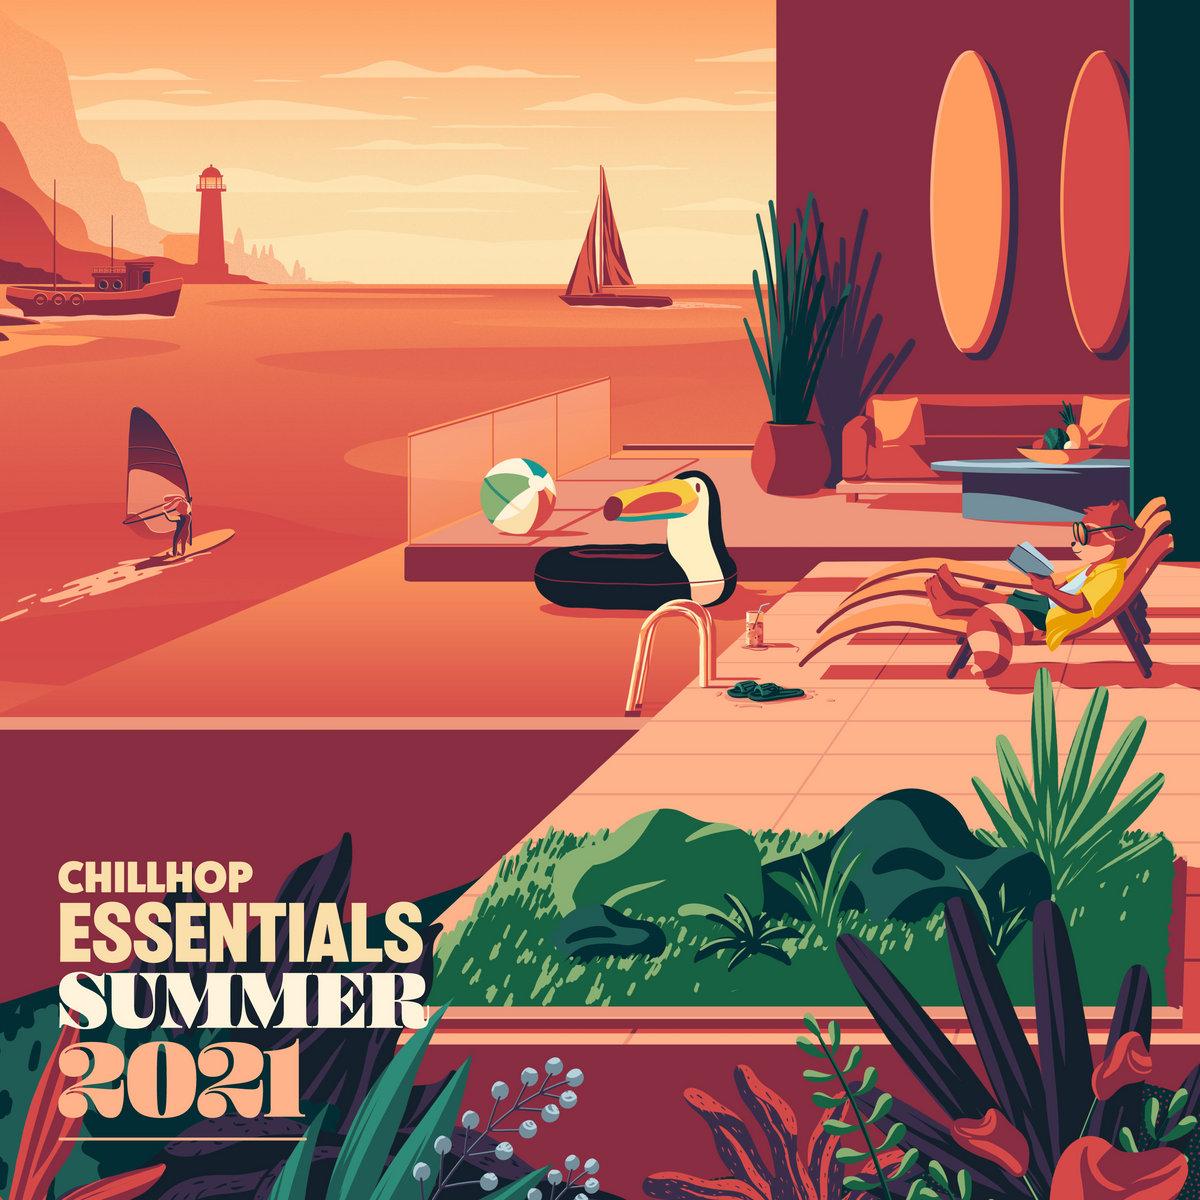 Chillhop Essentials - Summer 2021 | Full Album Stream und Vinyltipp